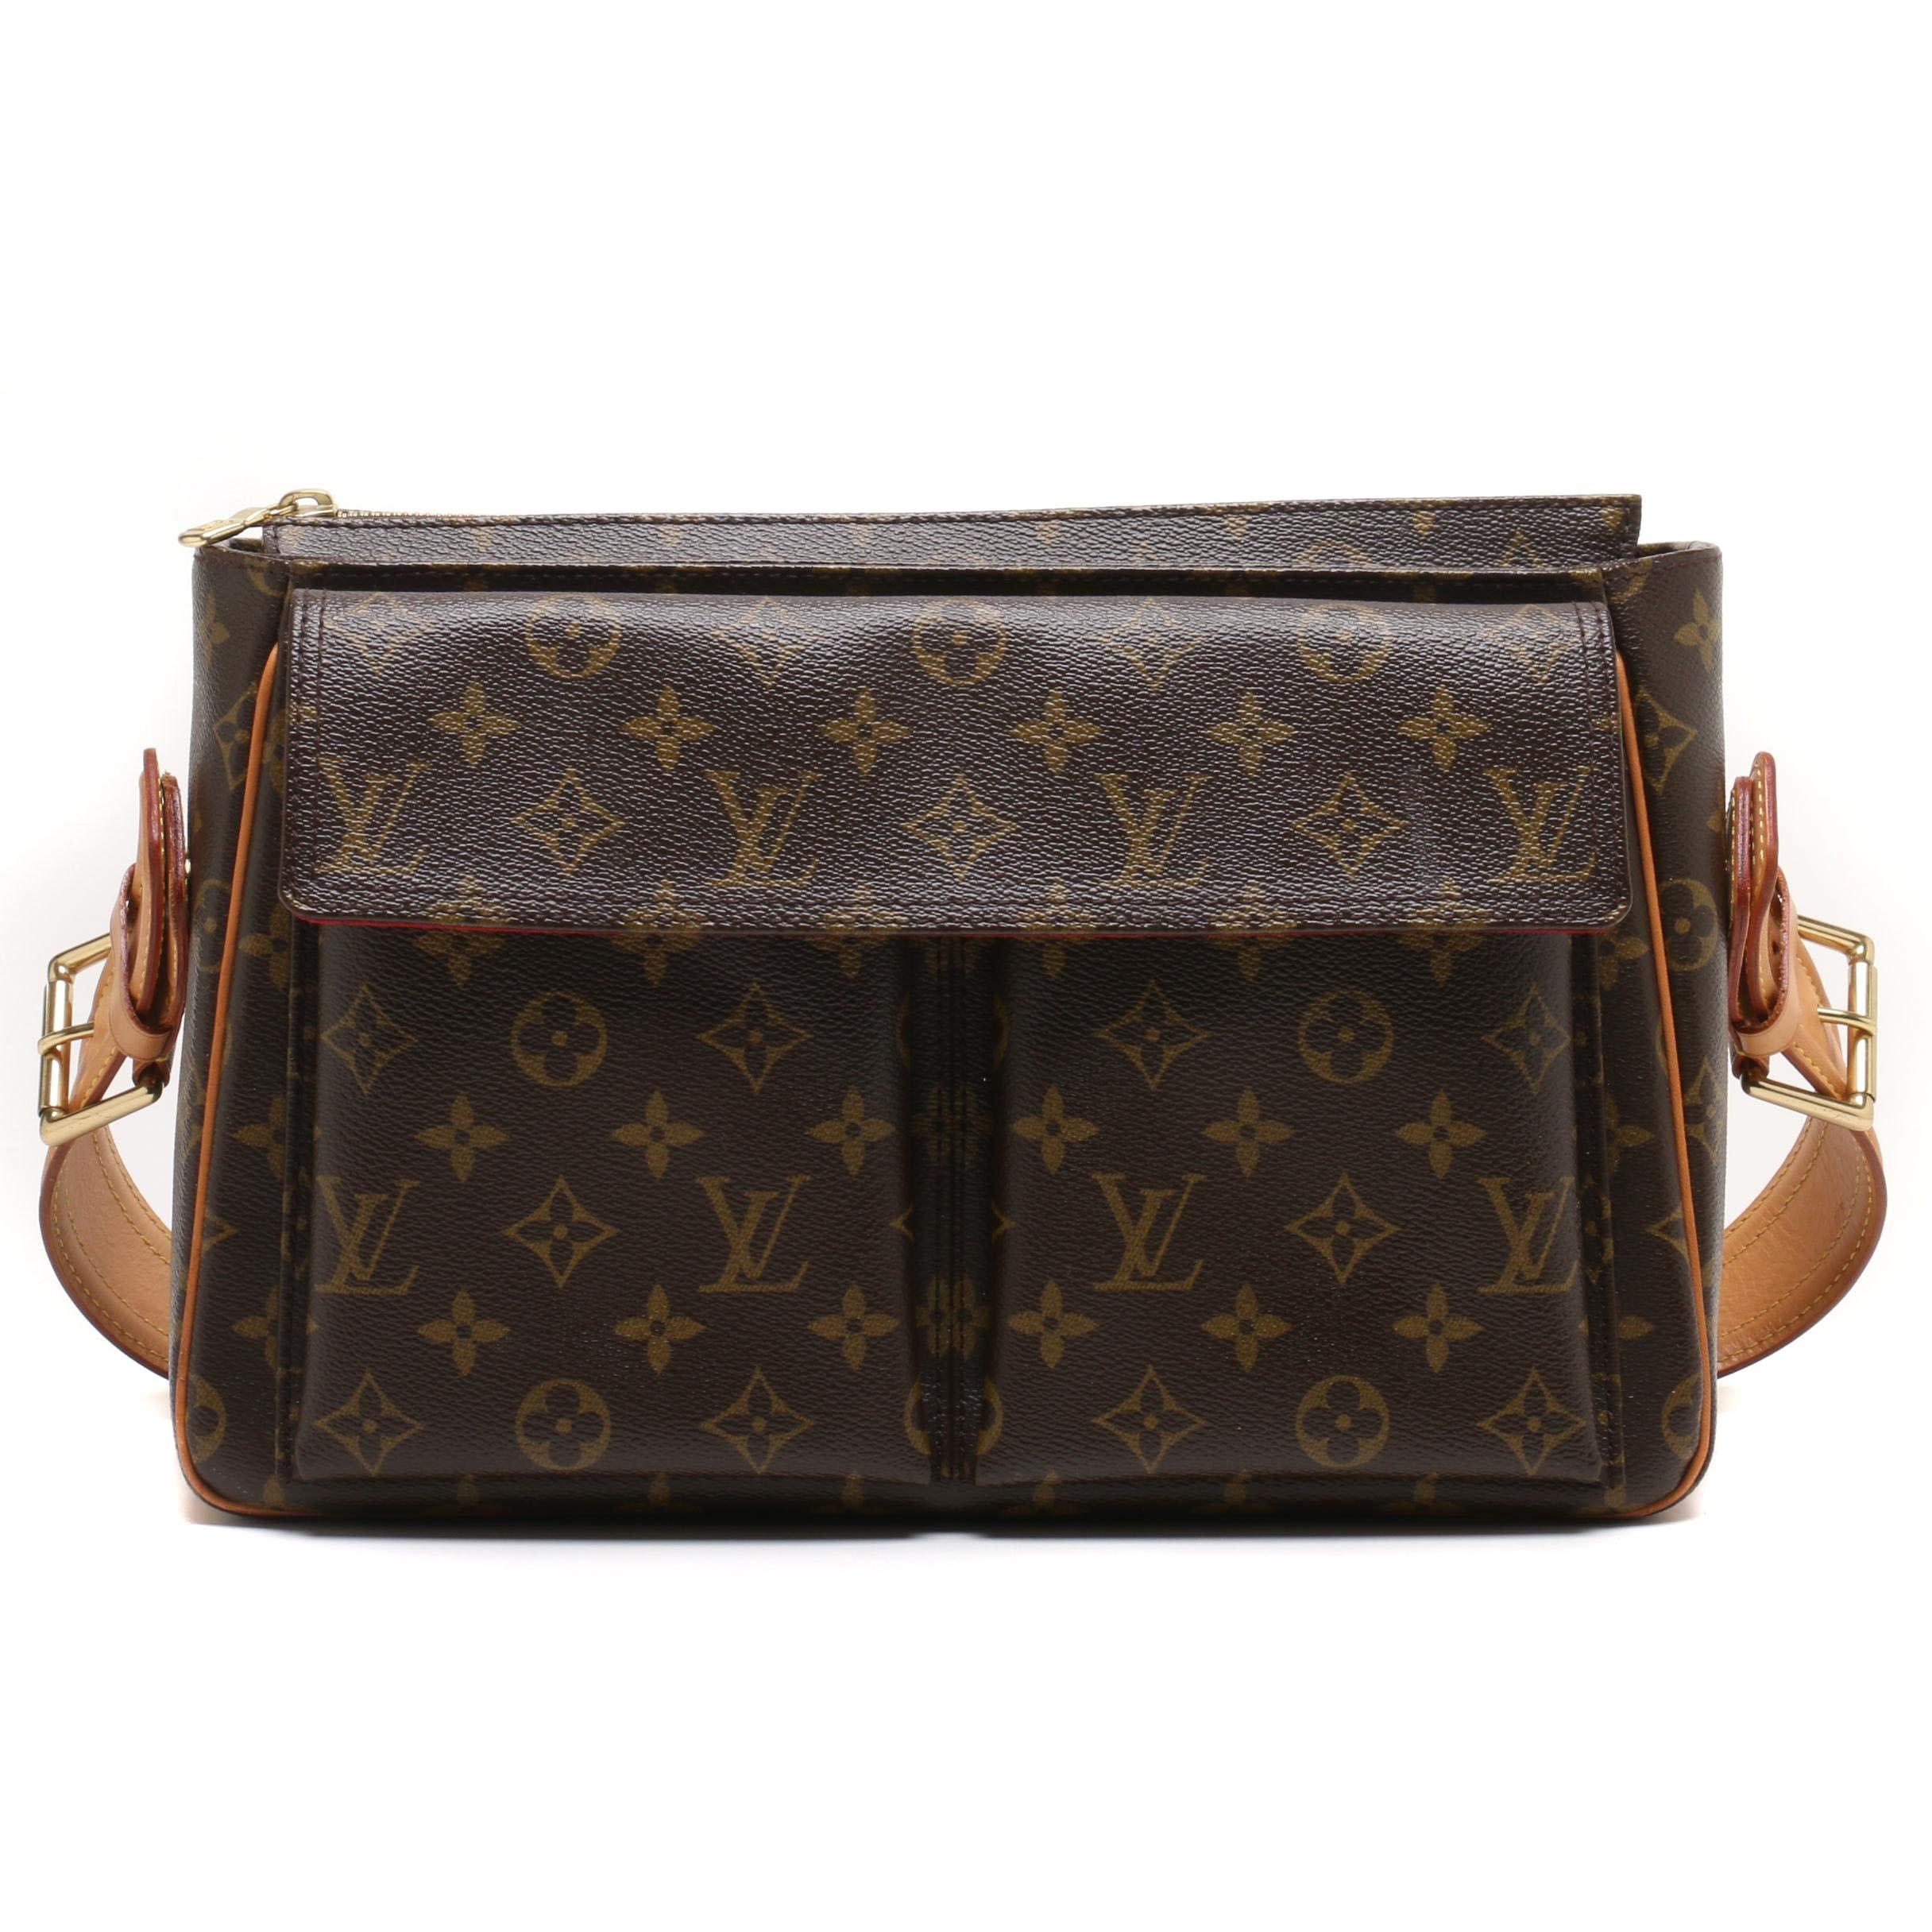 Louis Vuitton Paris Monogram Canvas Viva Cite GM Shoulder Bag